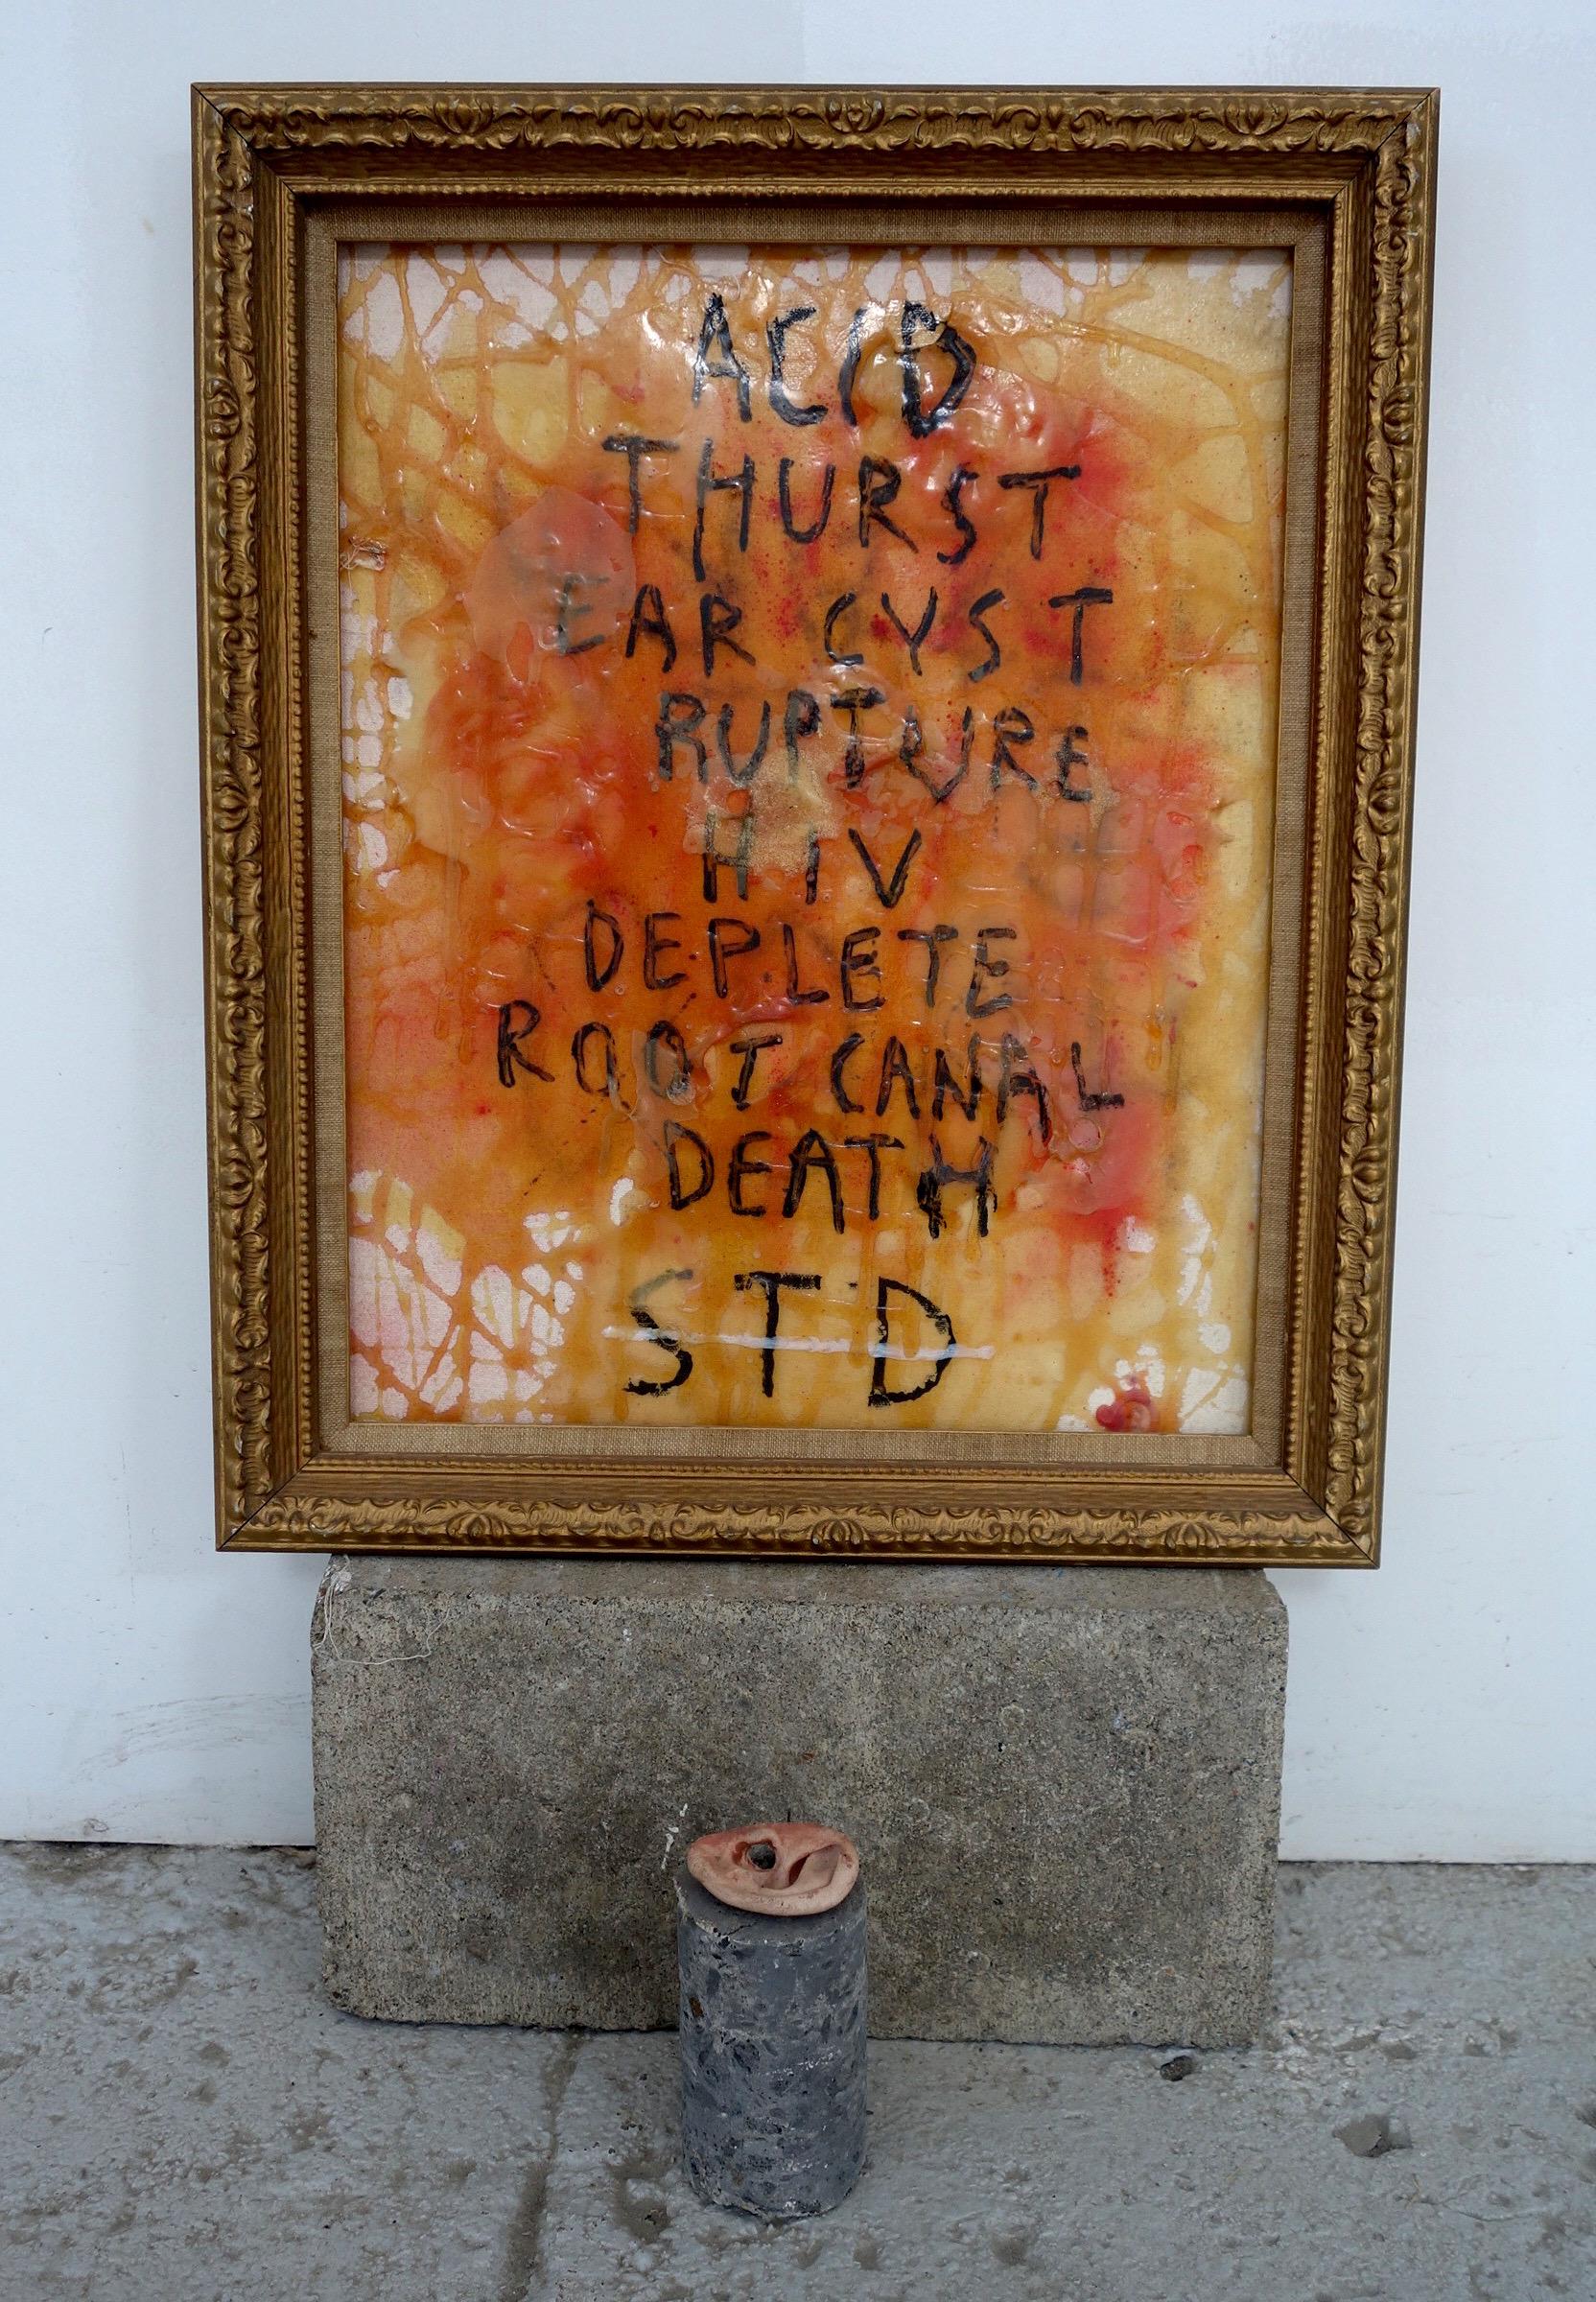 Acid Thurst self portrait.jpg